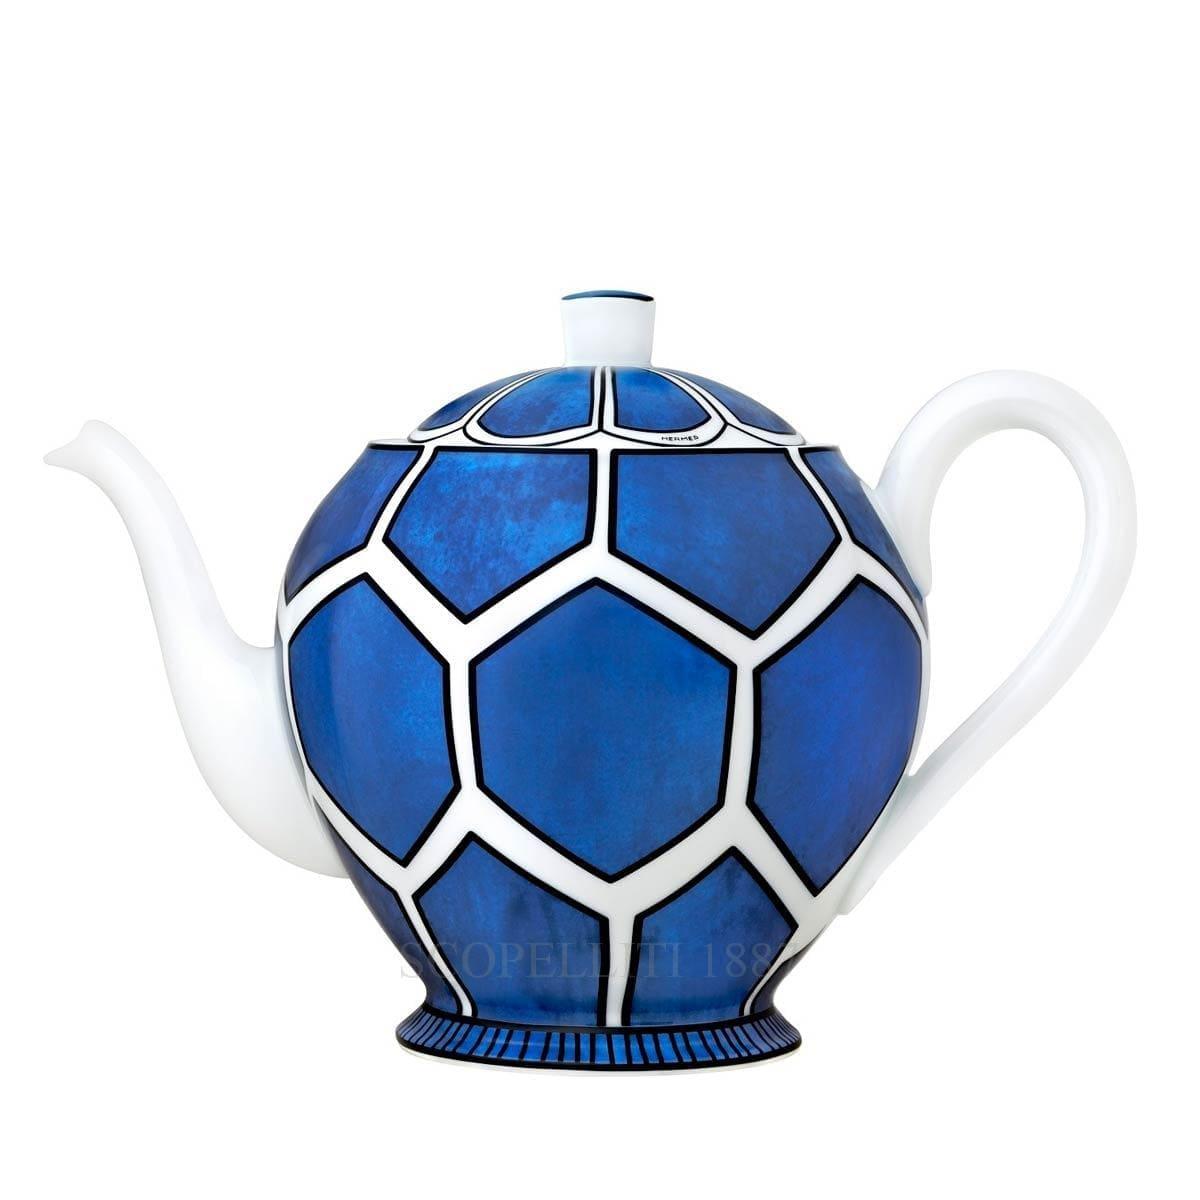 hermes paris bleus dailleurs designer porcelain teapot